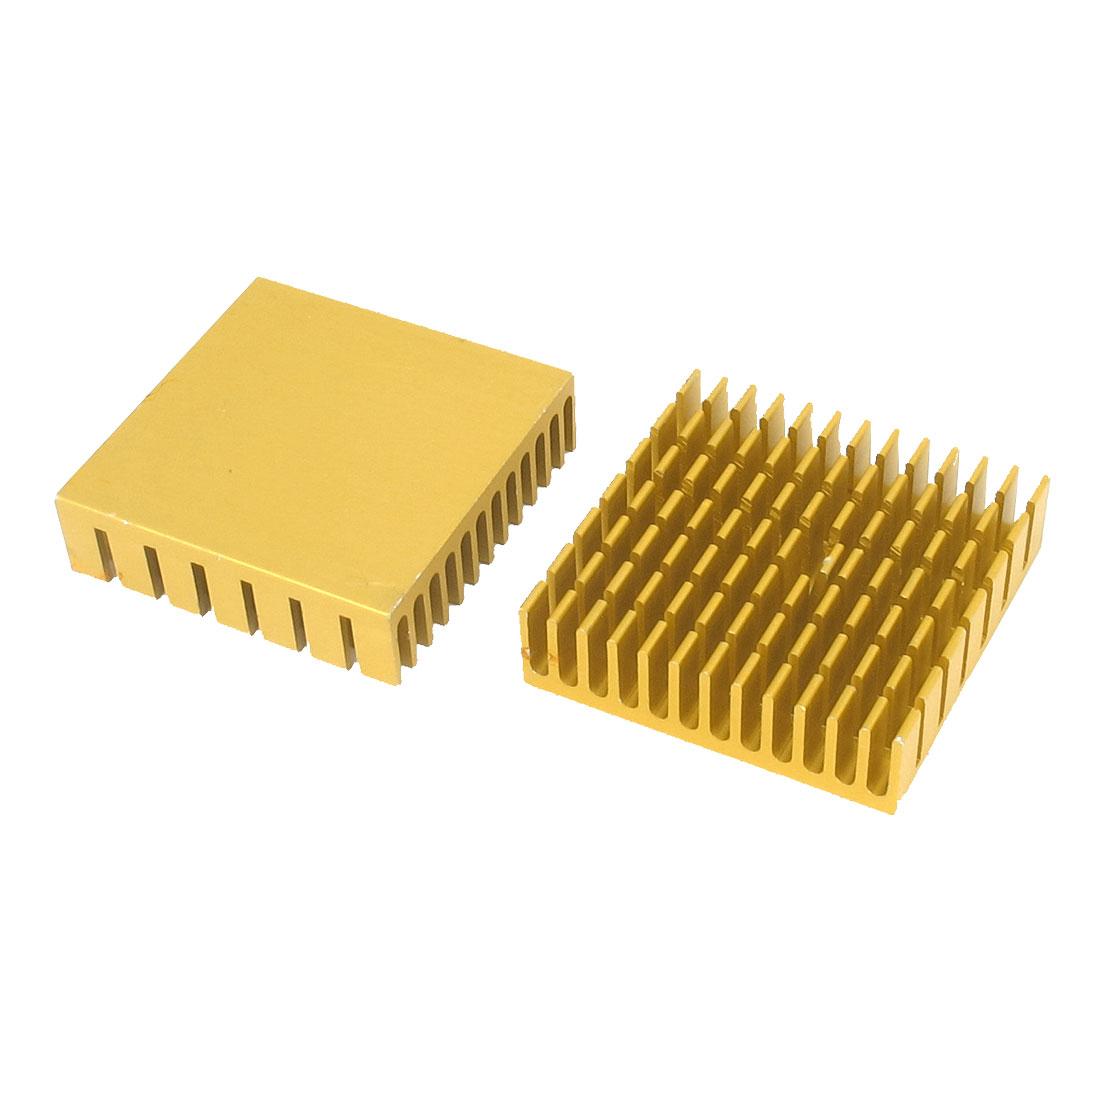 2pcs 40mm x 40mm x 11mm Radiator Heatsink Heat Sink Diffuse Aluminium Cooling Fin Gold Tone